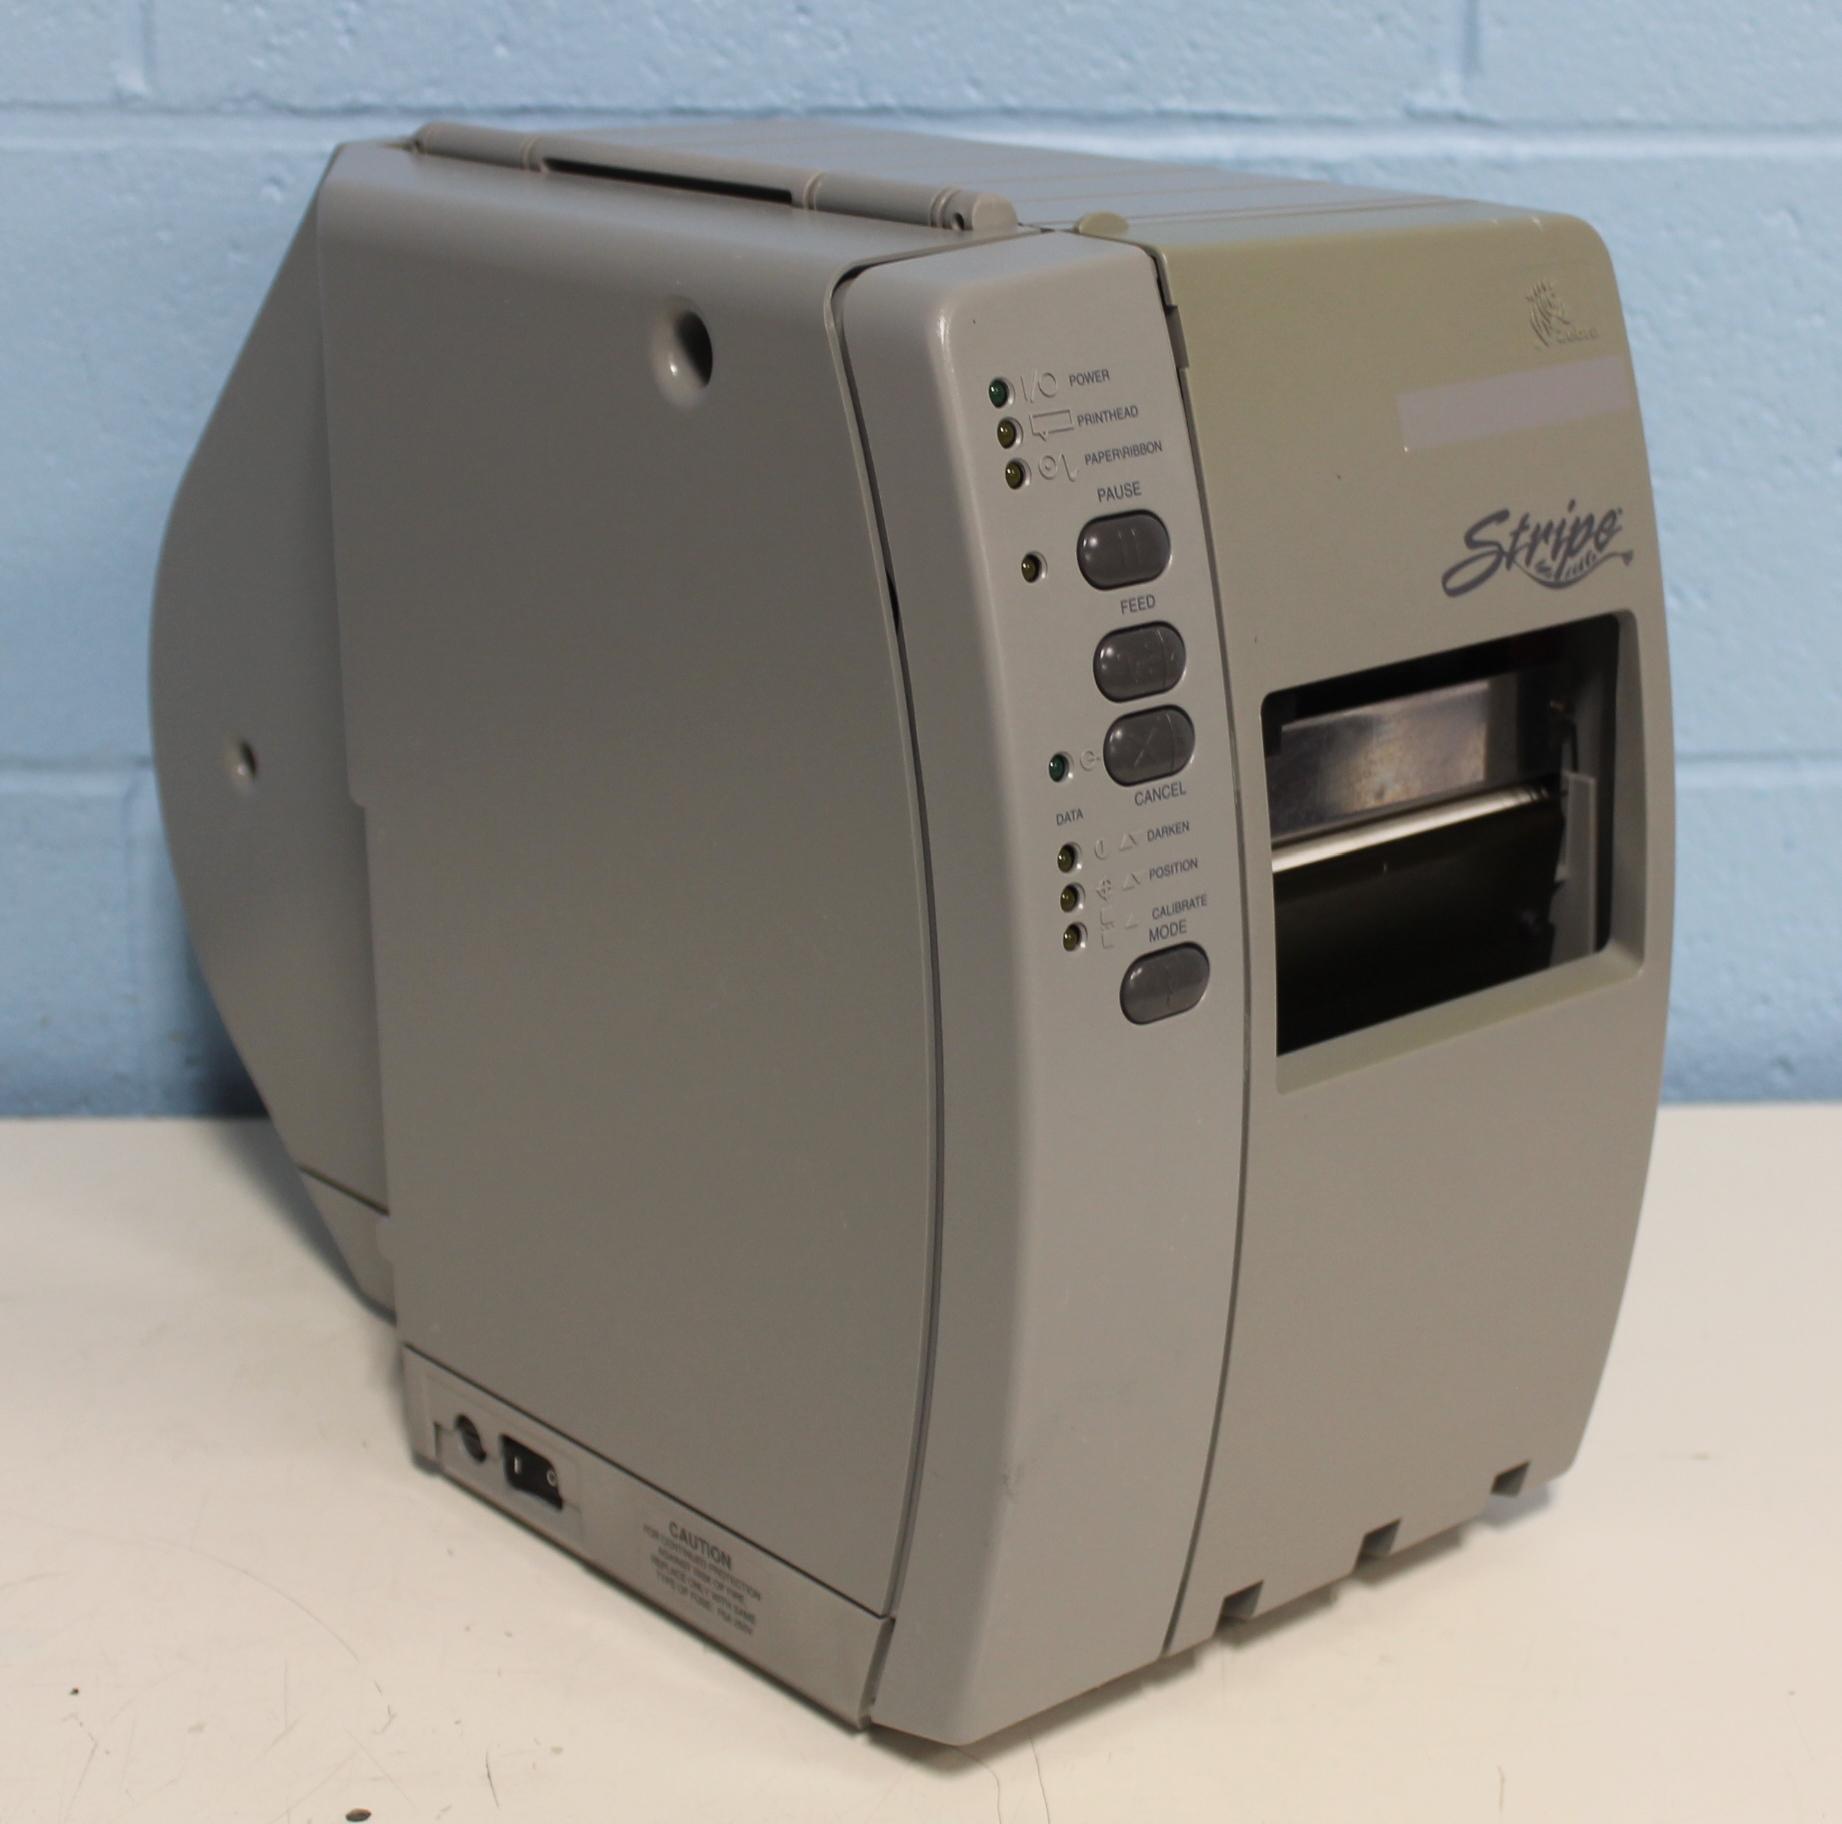 Refurbished Zebra Technologies Inc S400-TM Label Thermal Printer